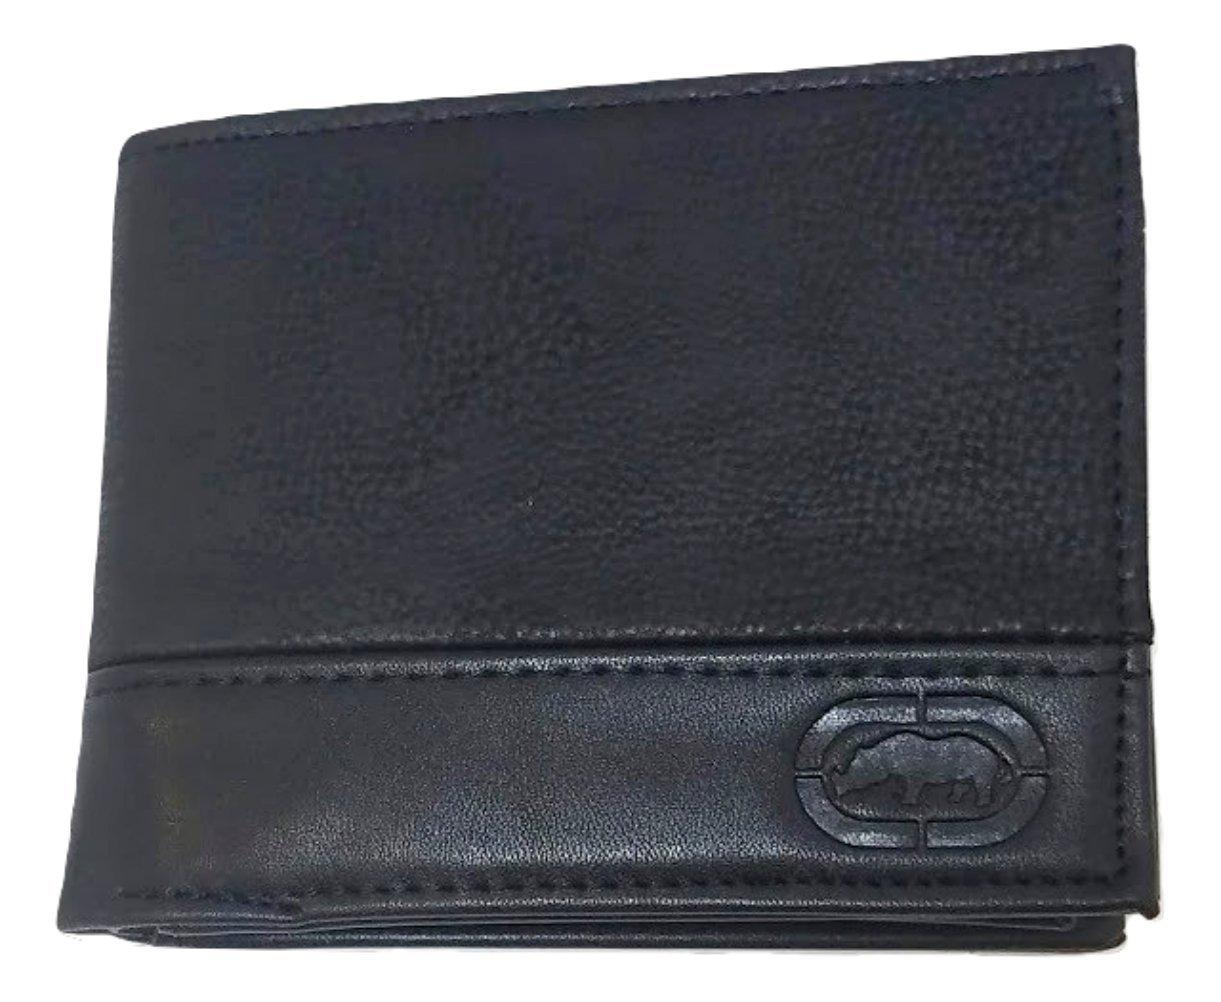 Ecko Unltd. World Famous Rhino Men's Genuine Leather Black Wallets - Gift Boxed Keepsake Metal Box, Bi-Fold Wallet (Black on Black)